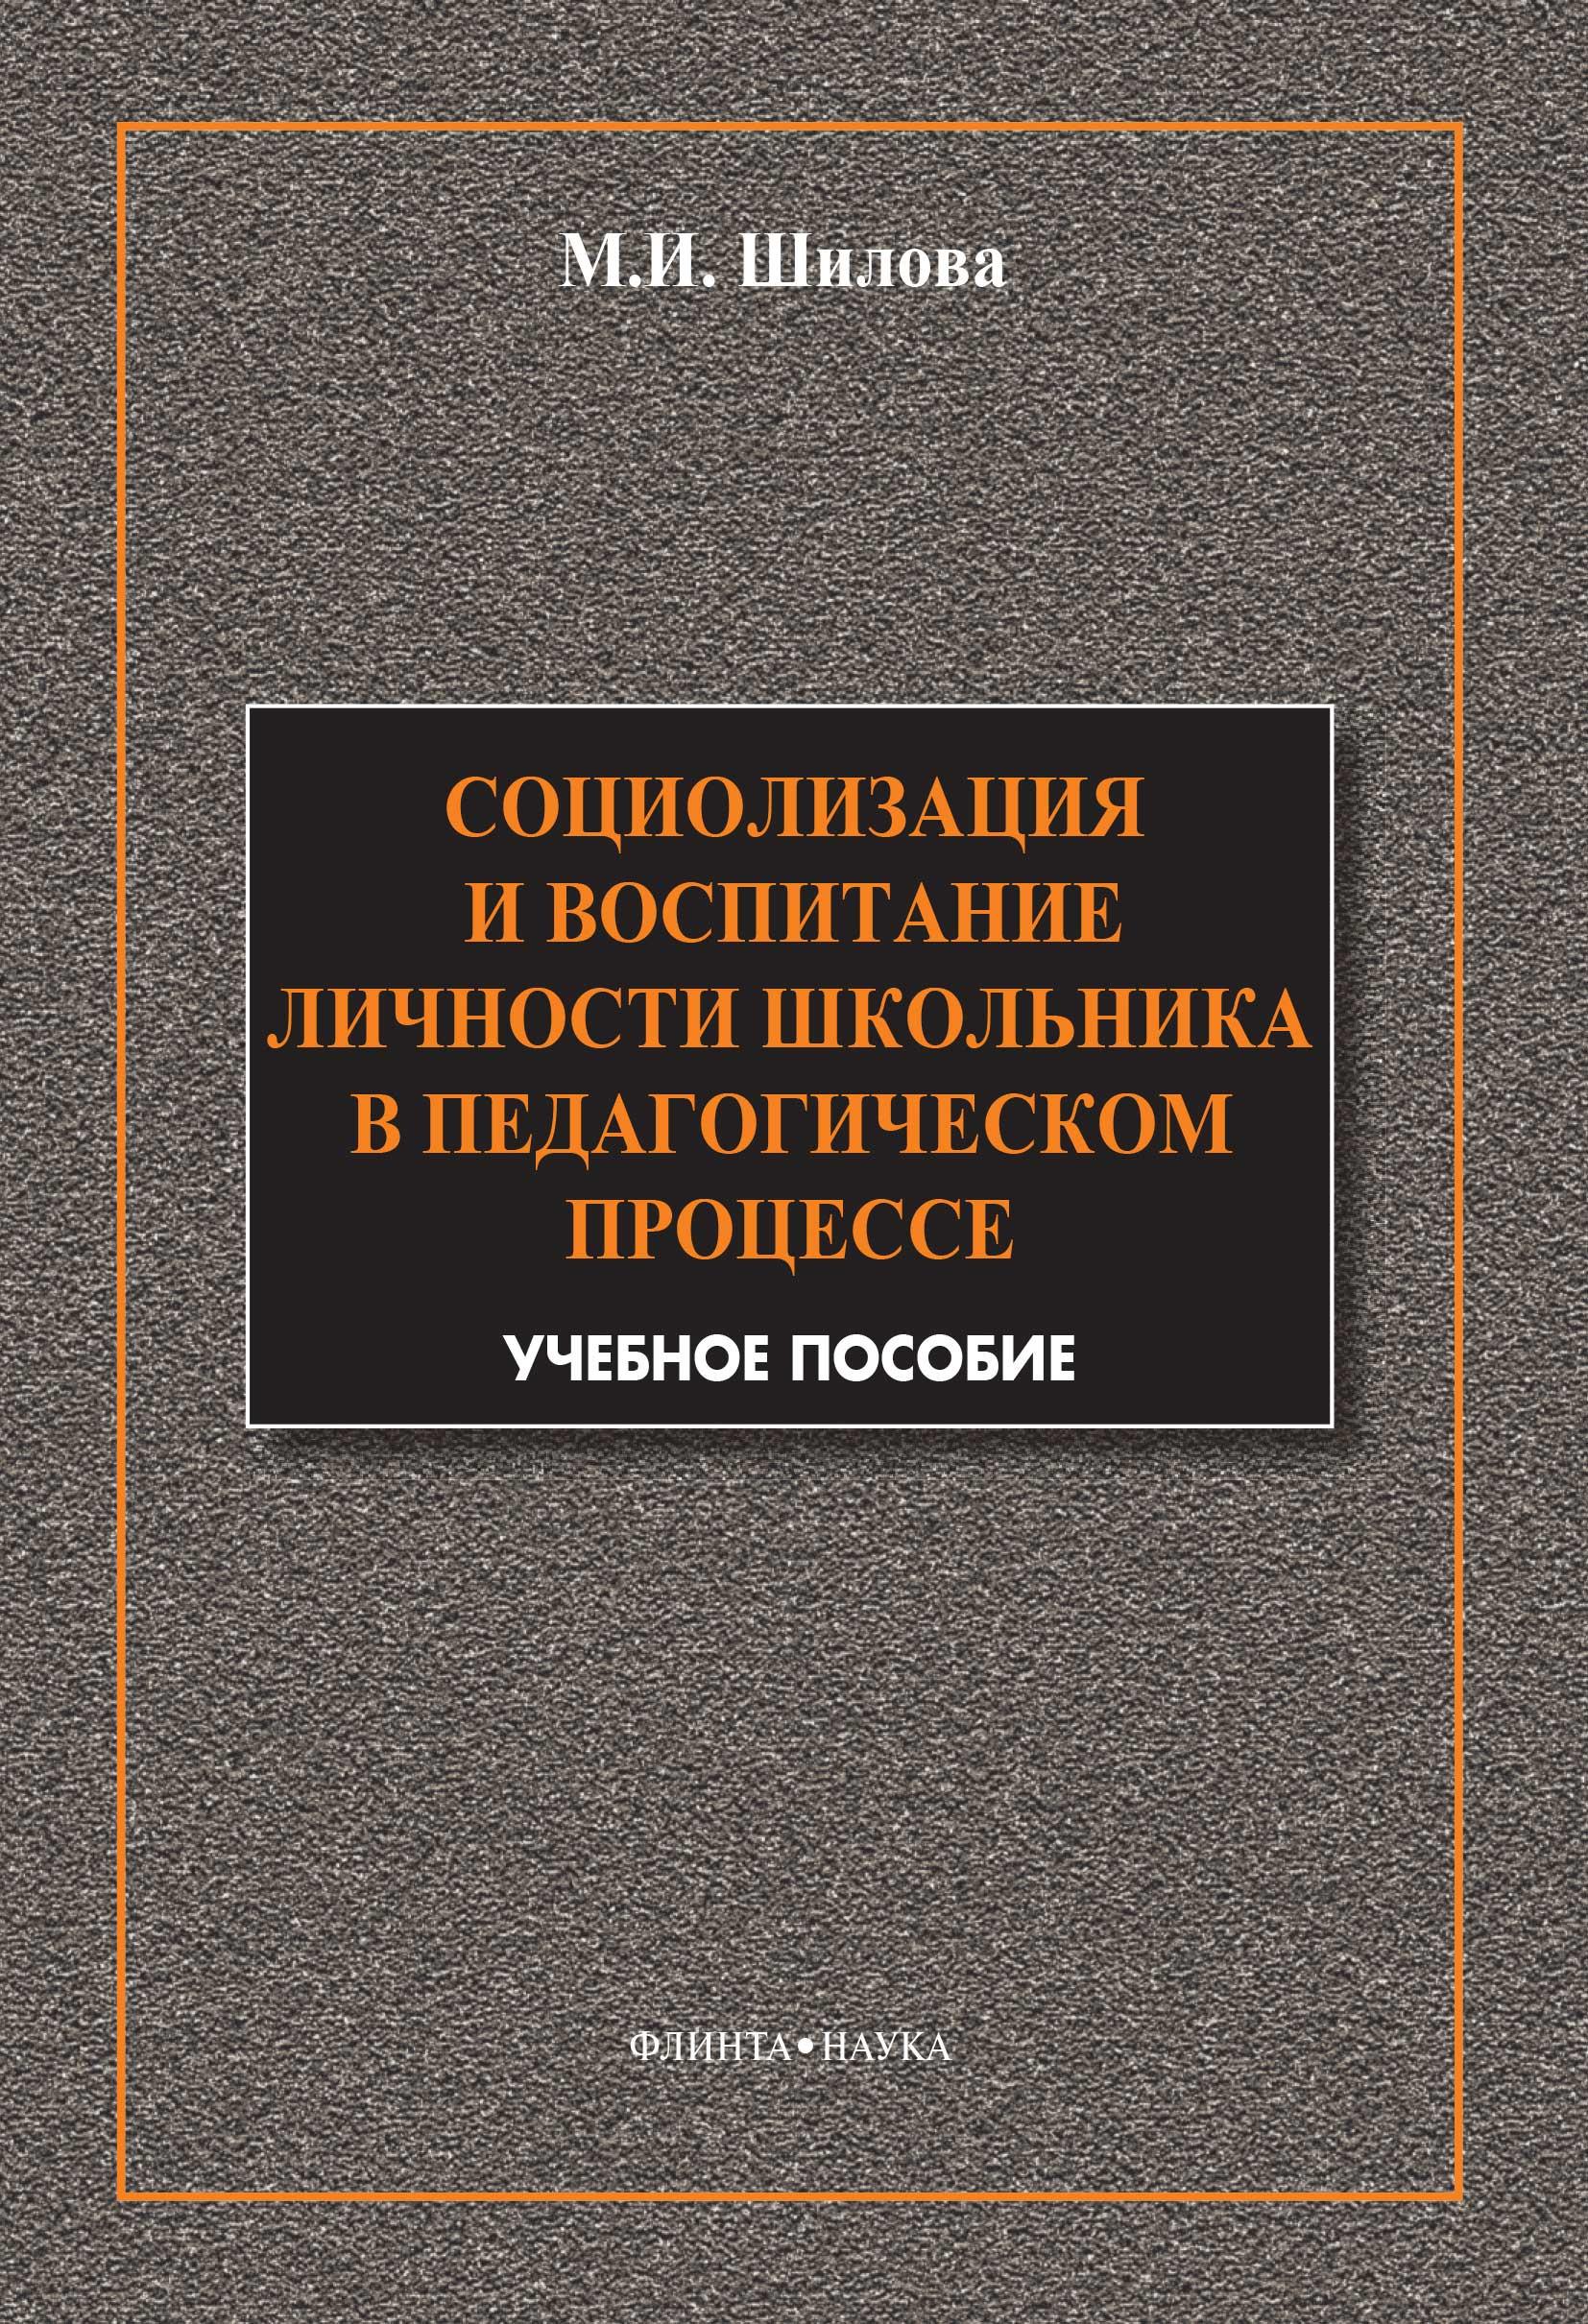 М. И. Шилова Социализация и воспитание личности школьника в педагогическом процессе